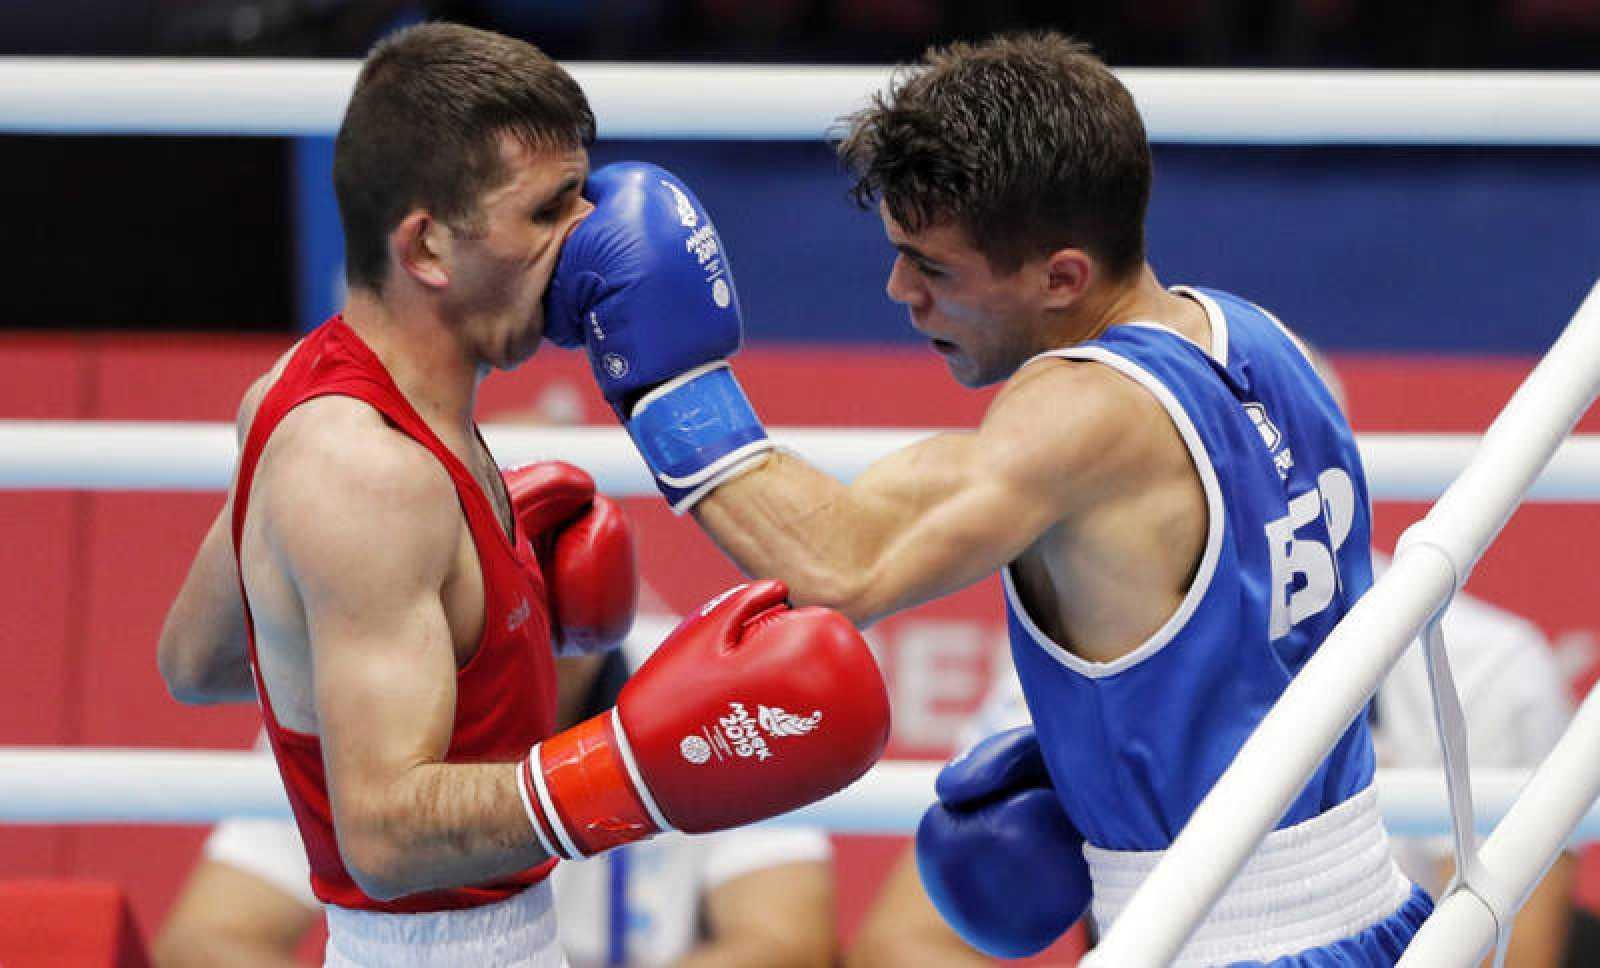 Boxeo Minsk